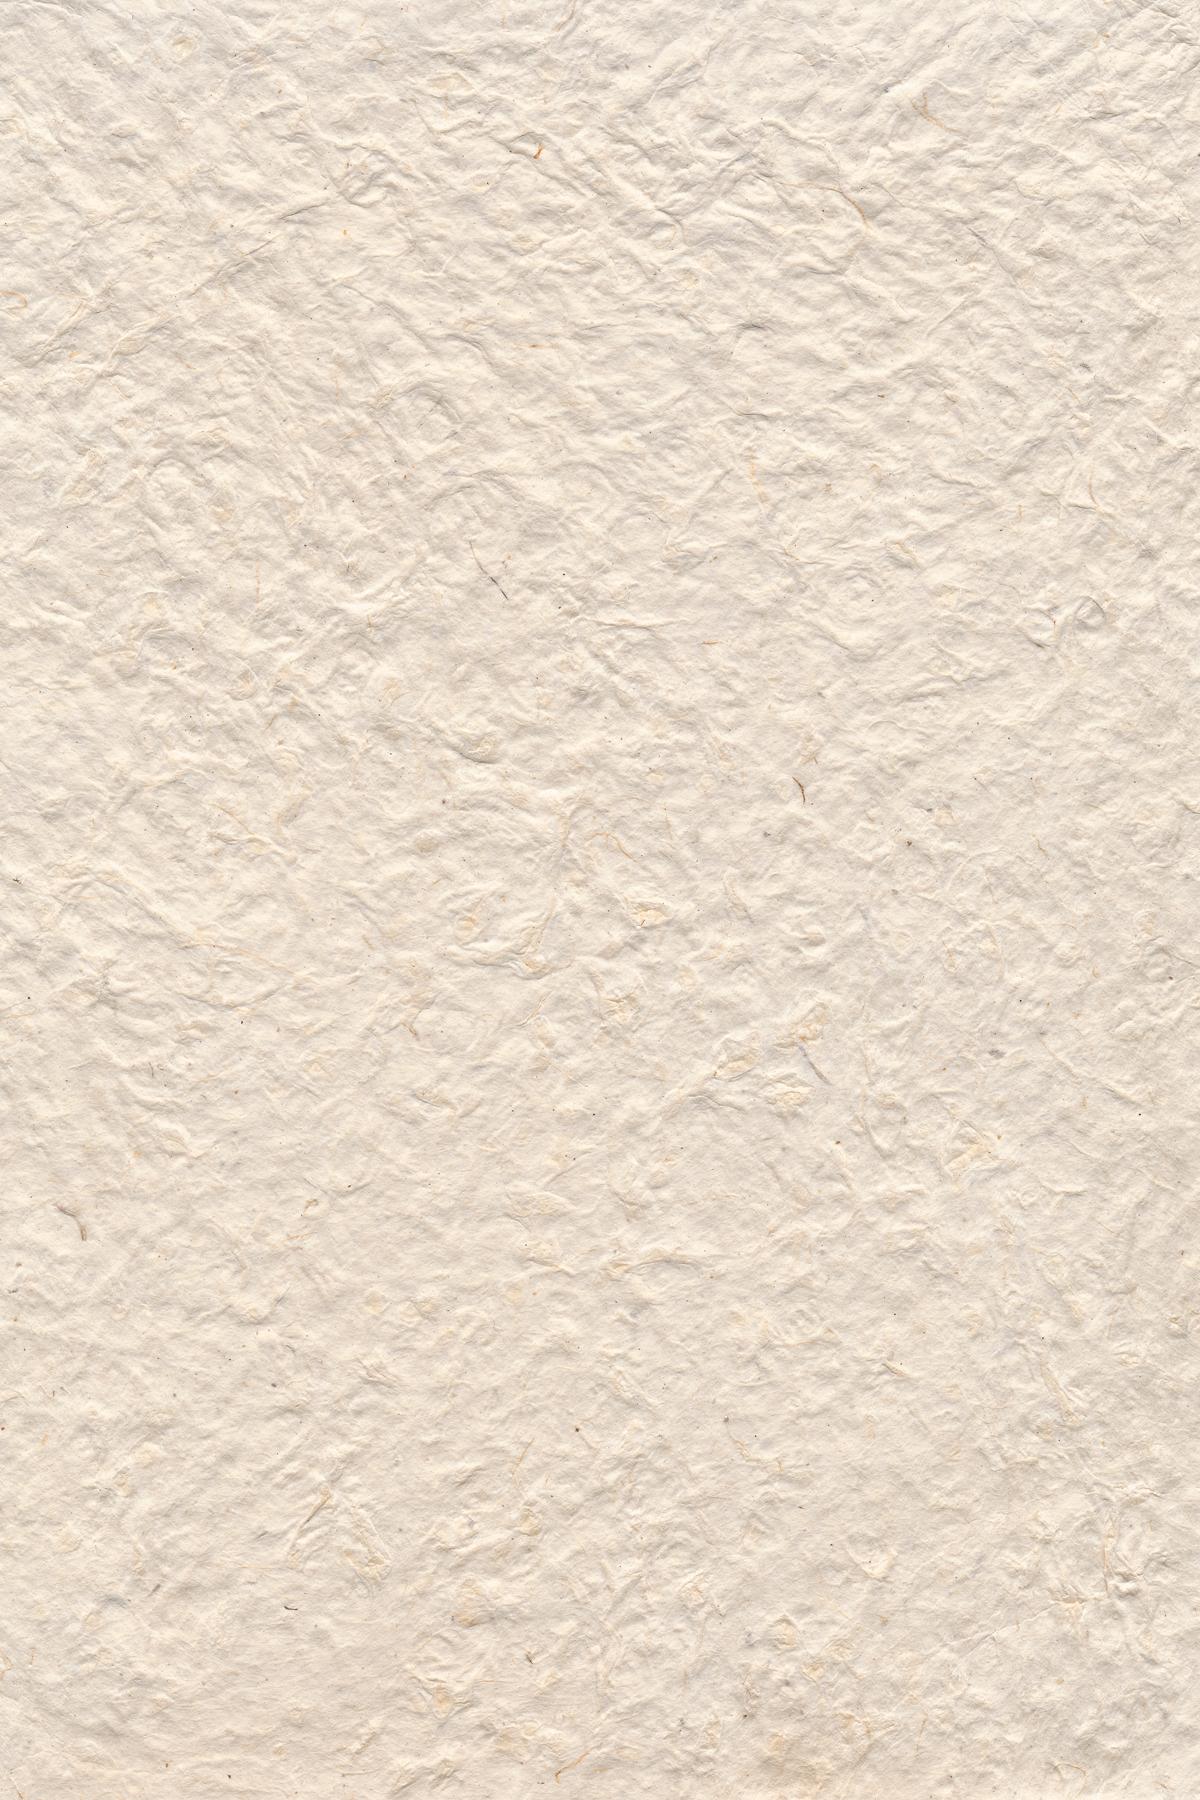 Blank Parchment Texture, Scrapbook, Scrap-booking, Scrap-book, Scrap, HQ Photo